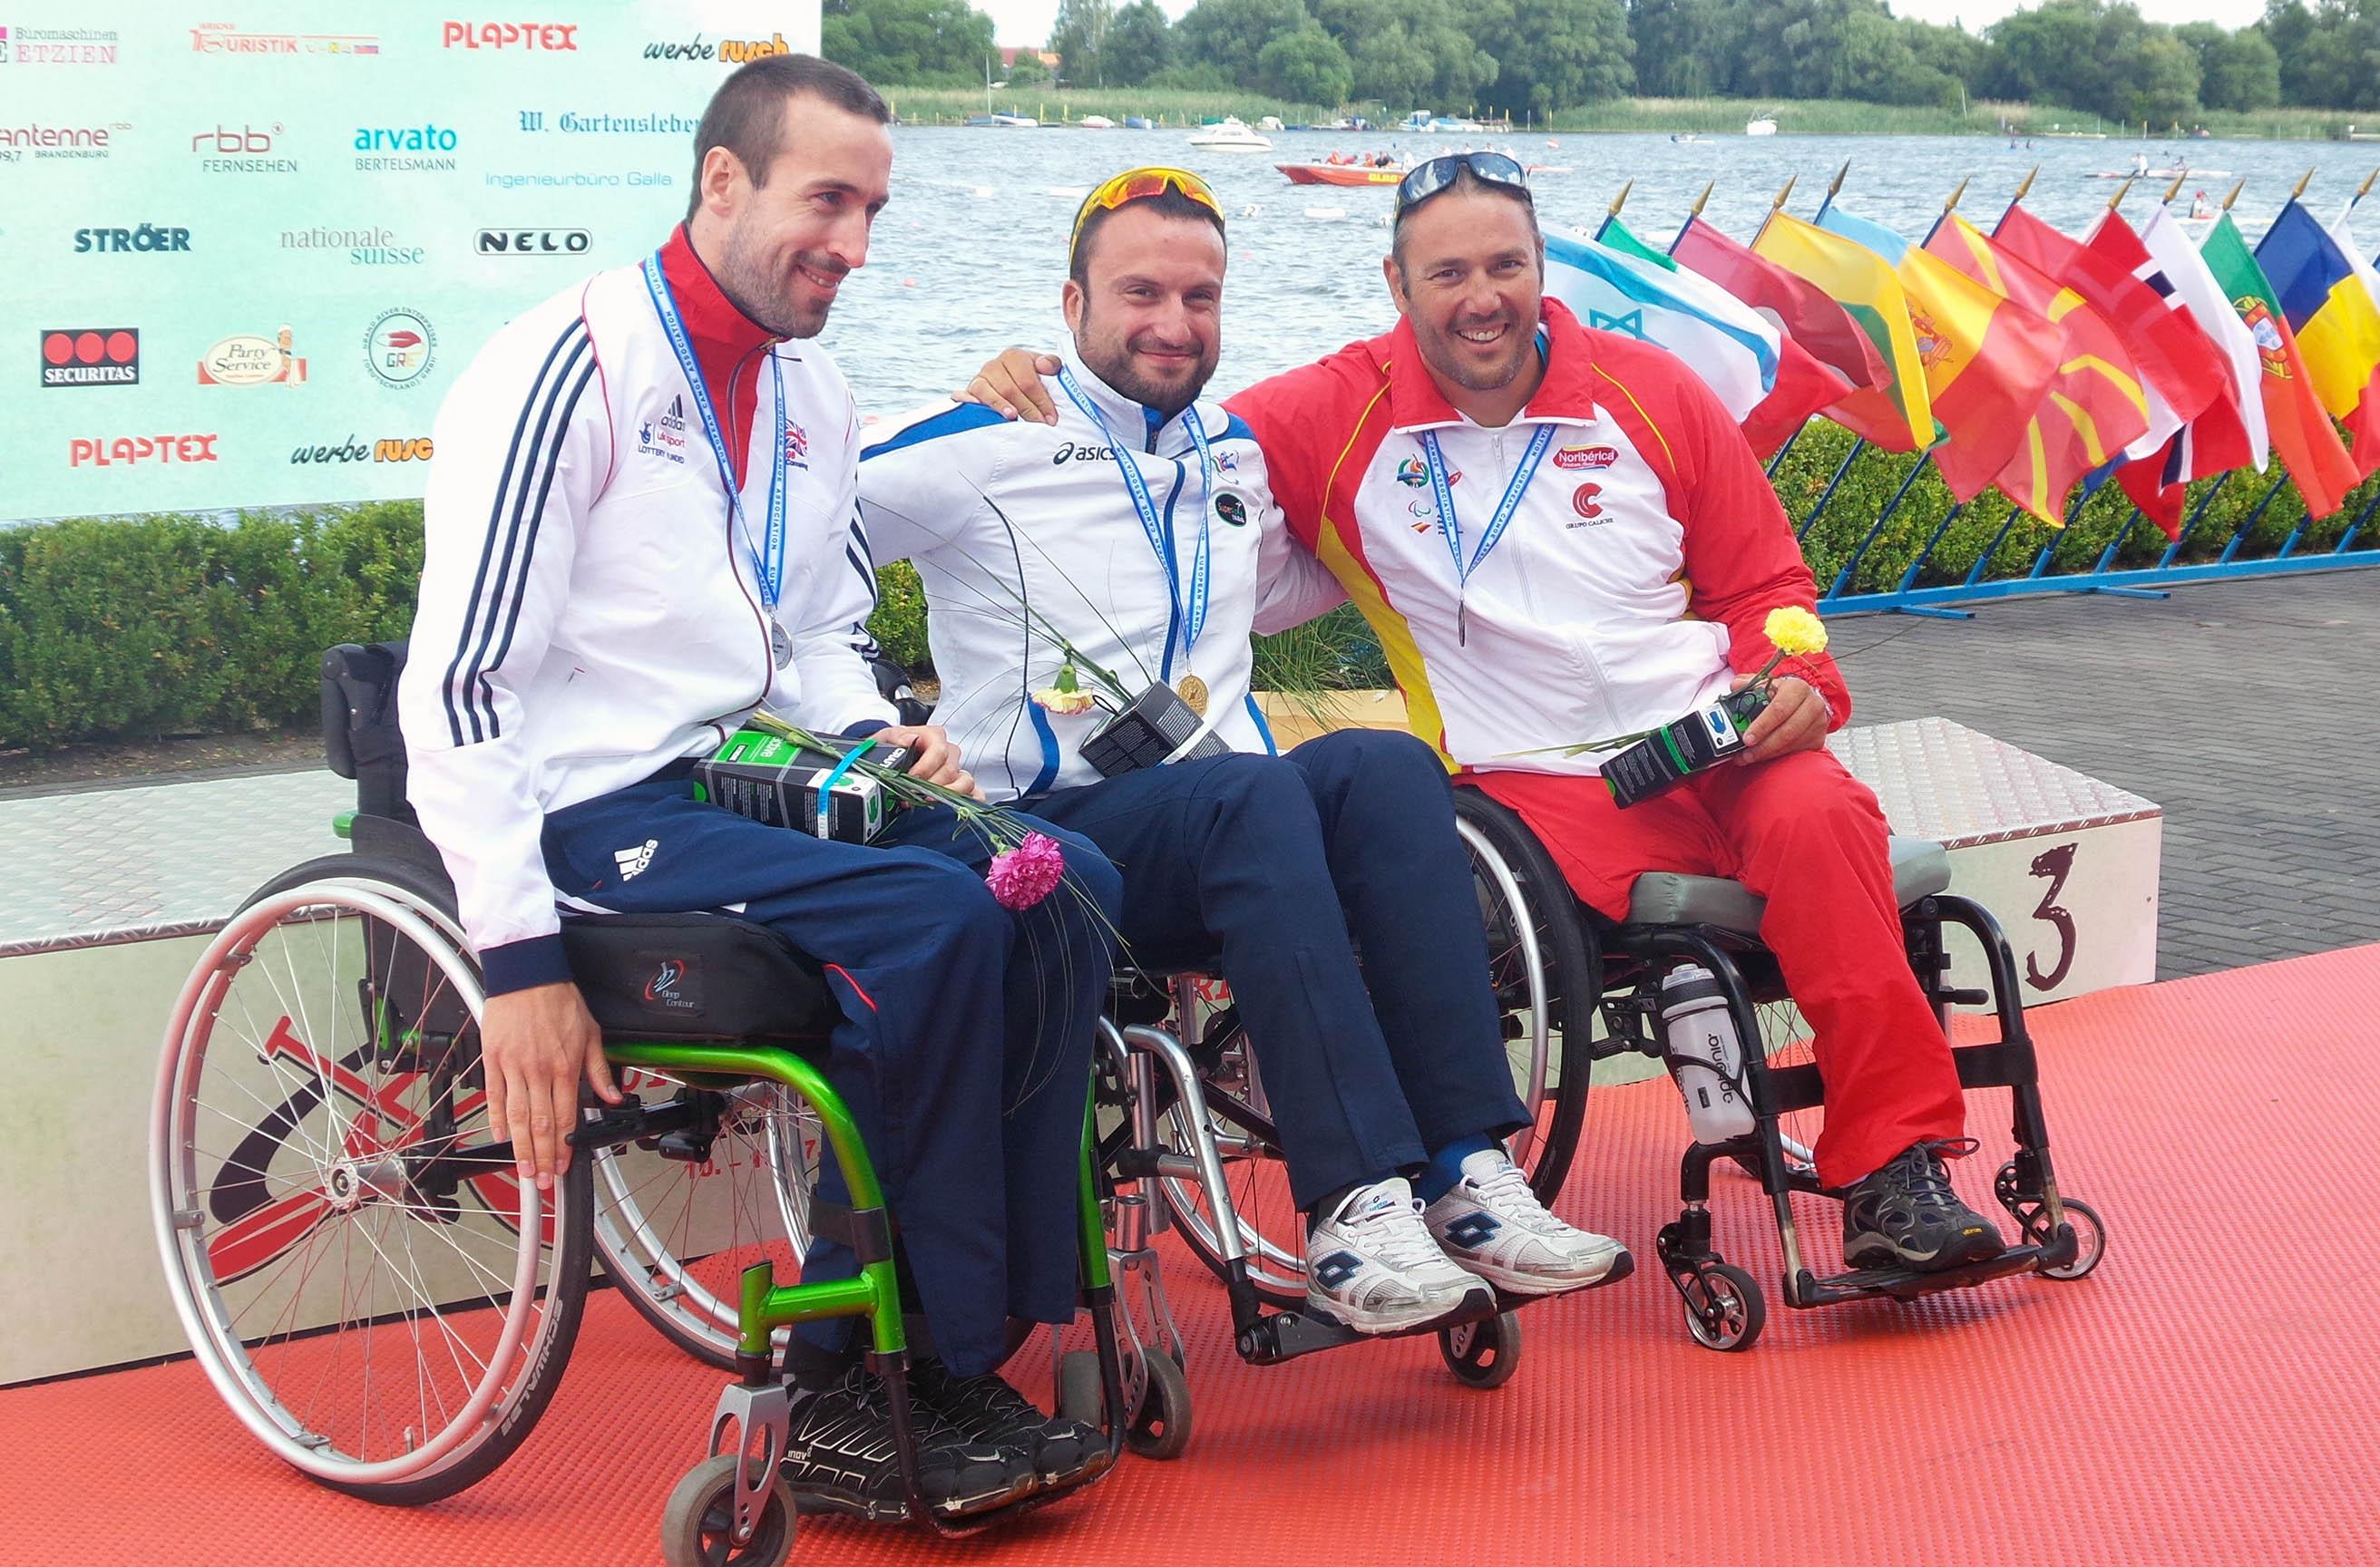 Javier Reja (der.) en el podio tras conseguir la medalla de bronce en el Europeo. Fuente: AD